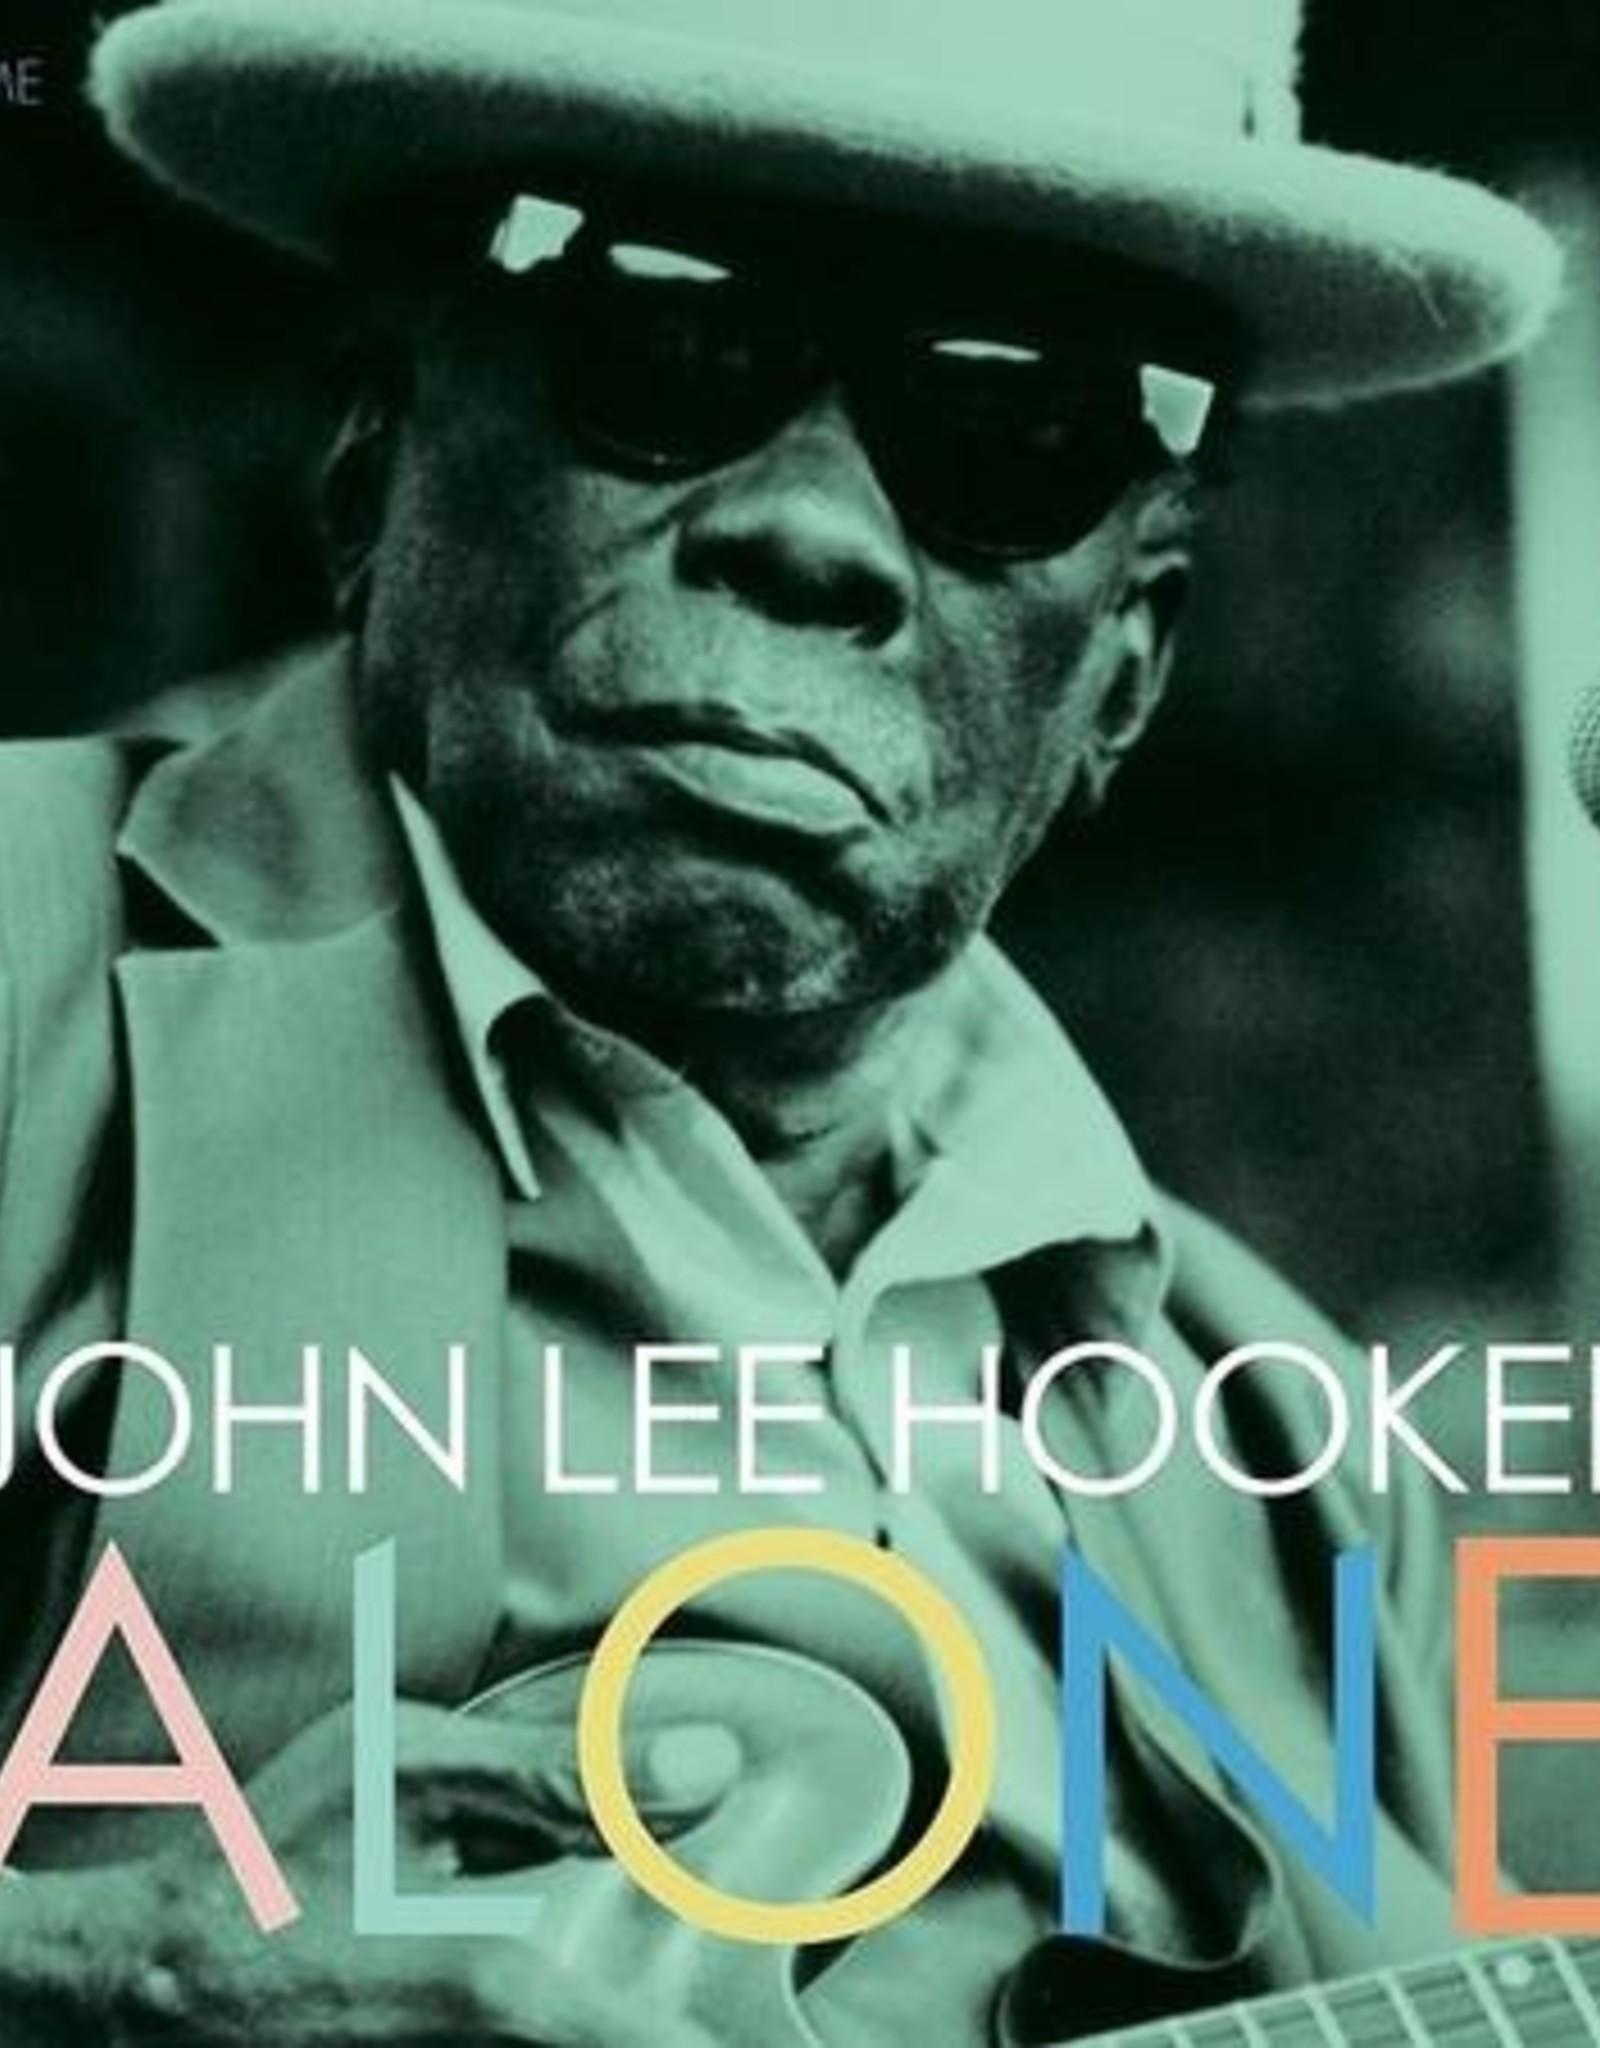 John Lee Hooker - Alone vol 1